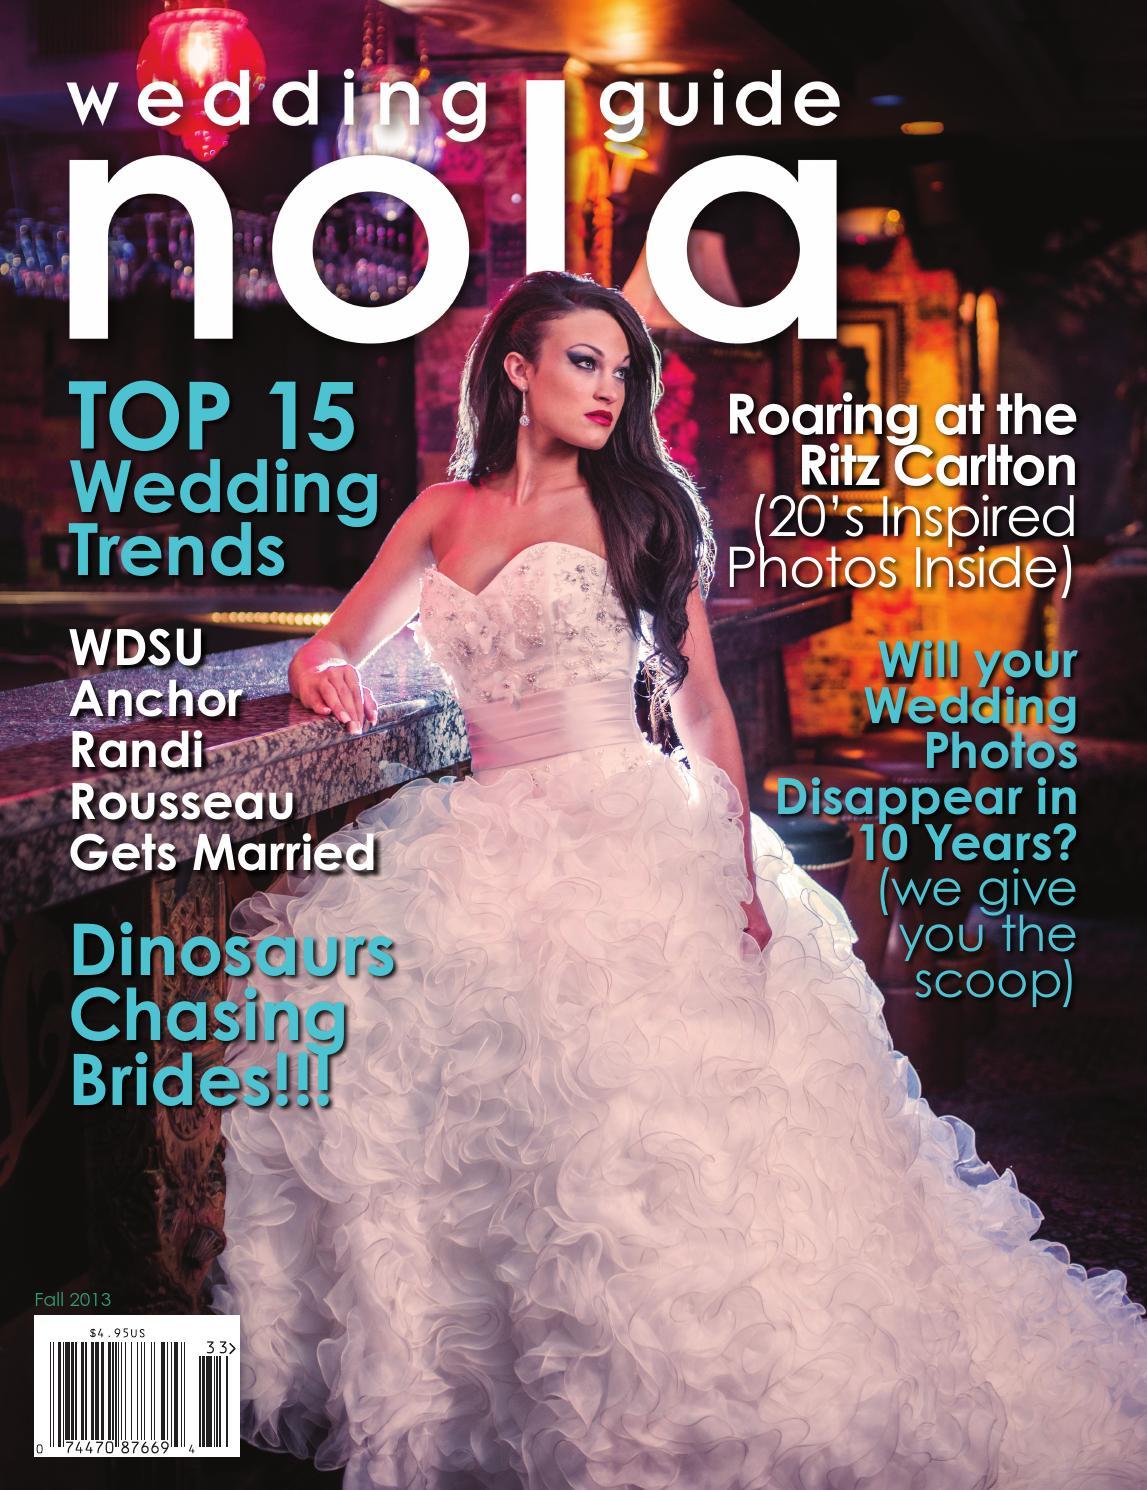 NOLA Wedding Guide Fall 2013 by NOLA Wedding Guide - issuu